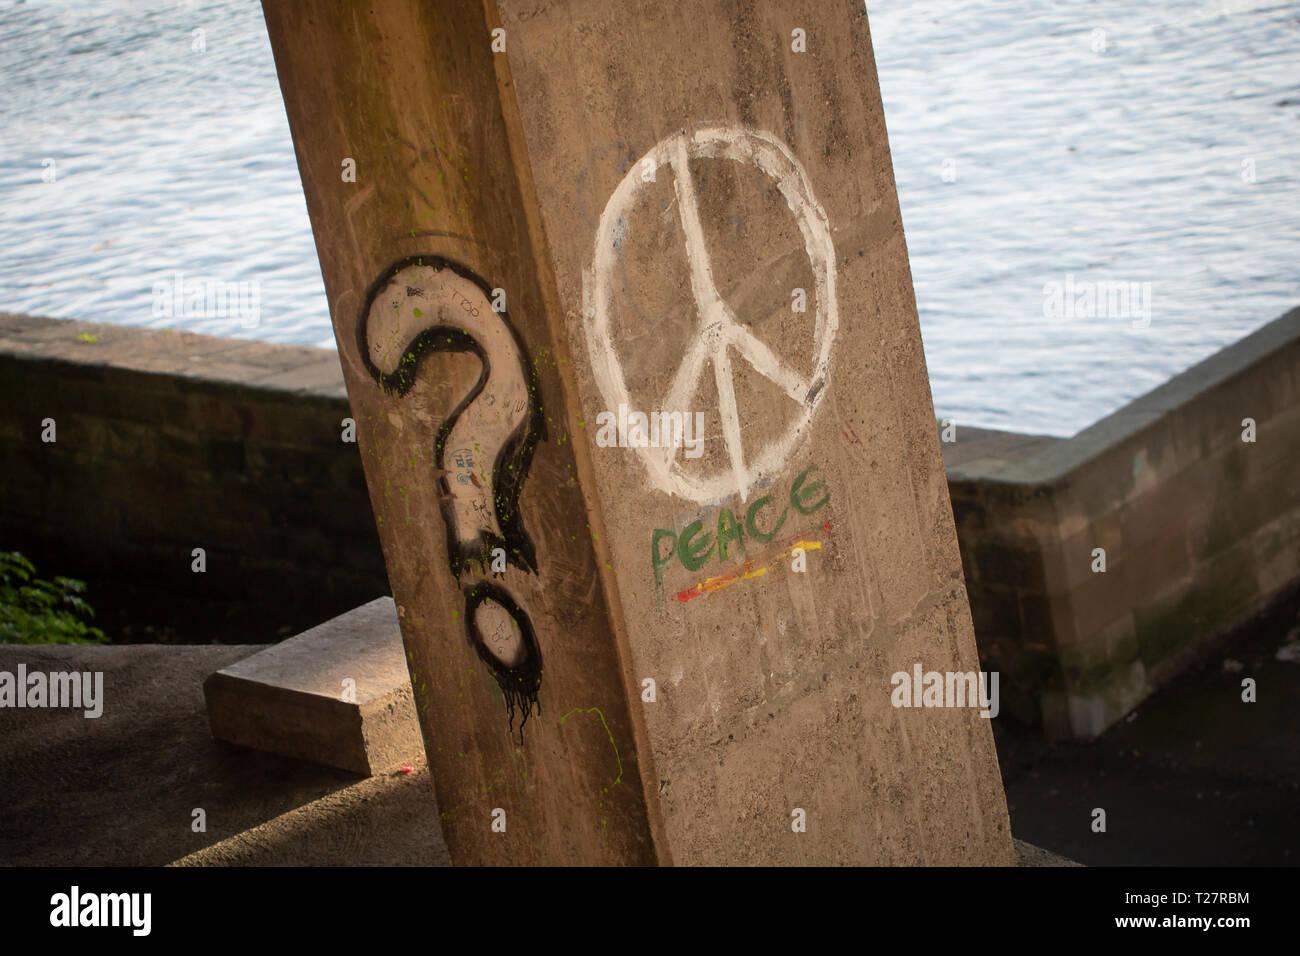 Des graffitis sur des appuis du pont - Point d'interrogation et de la paix la paix dans le monde, symbole de la CND. Photo Stock